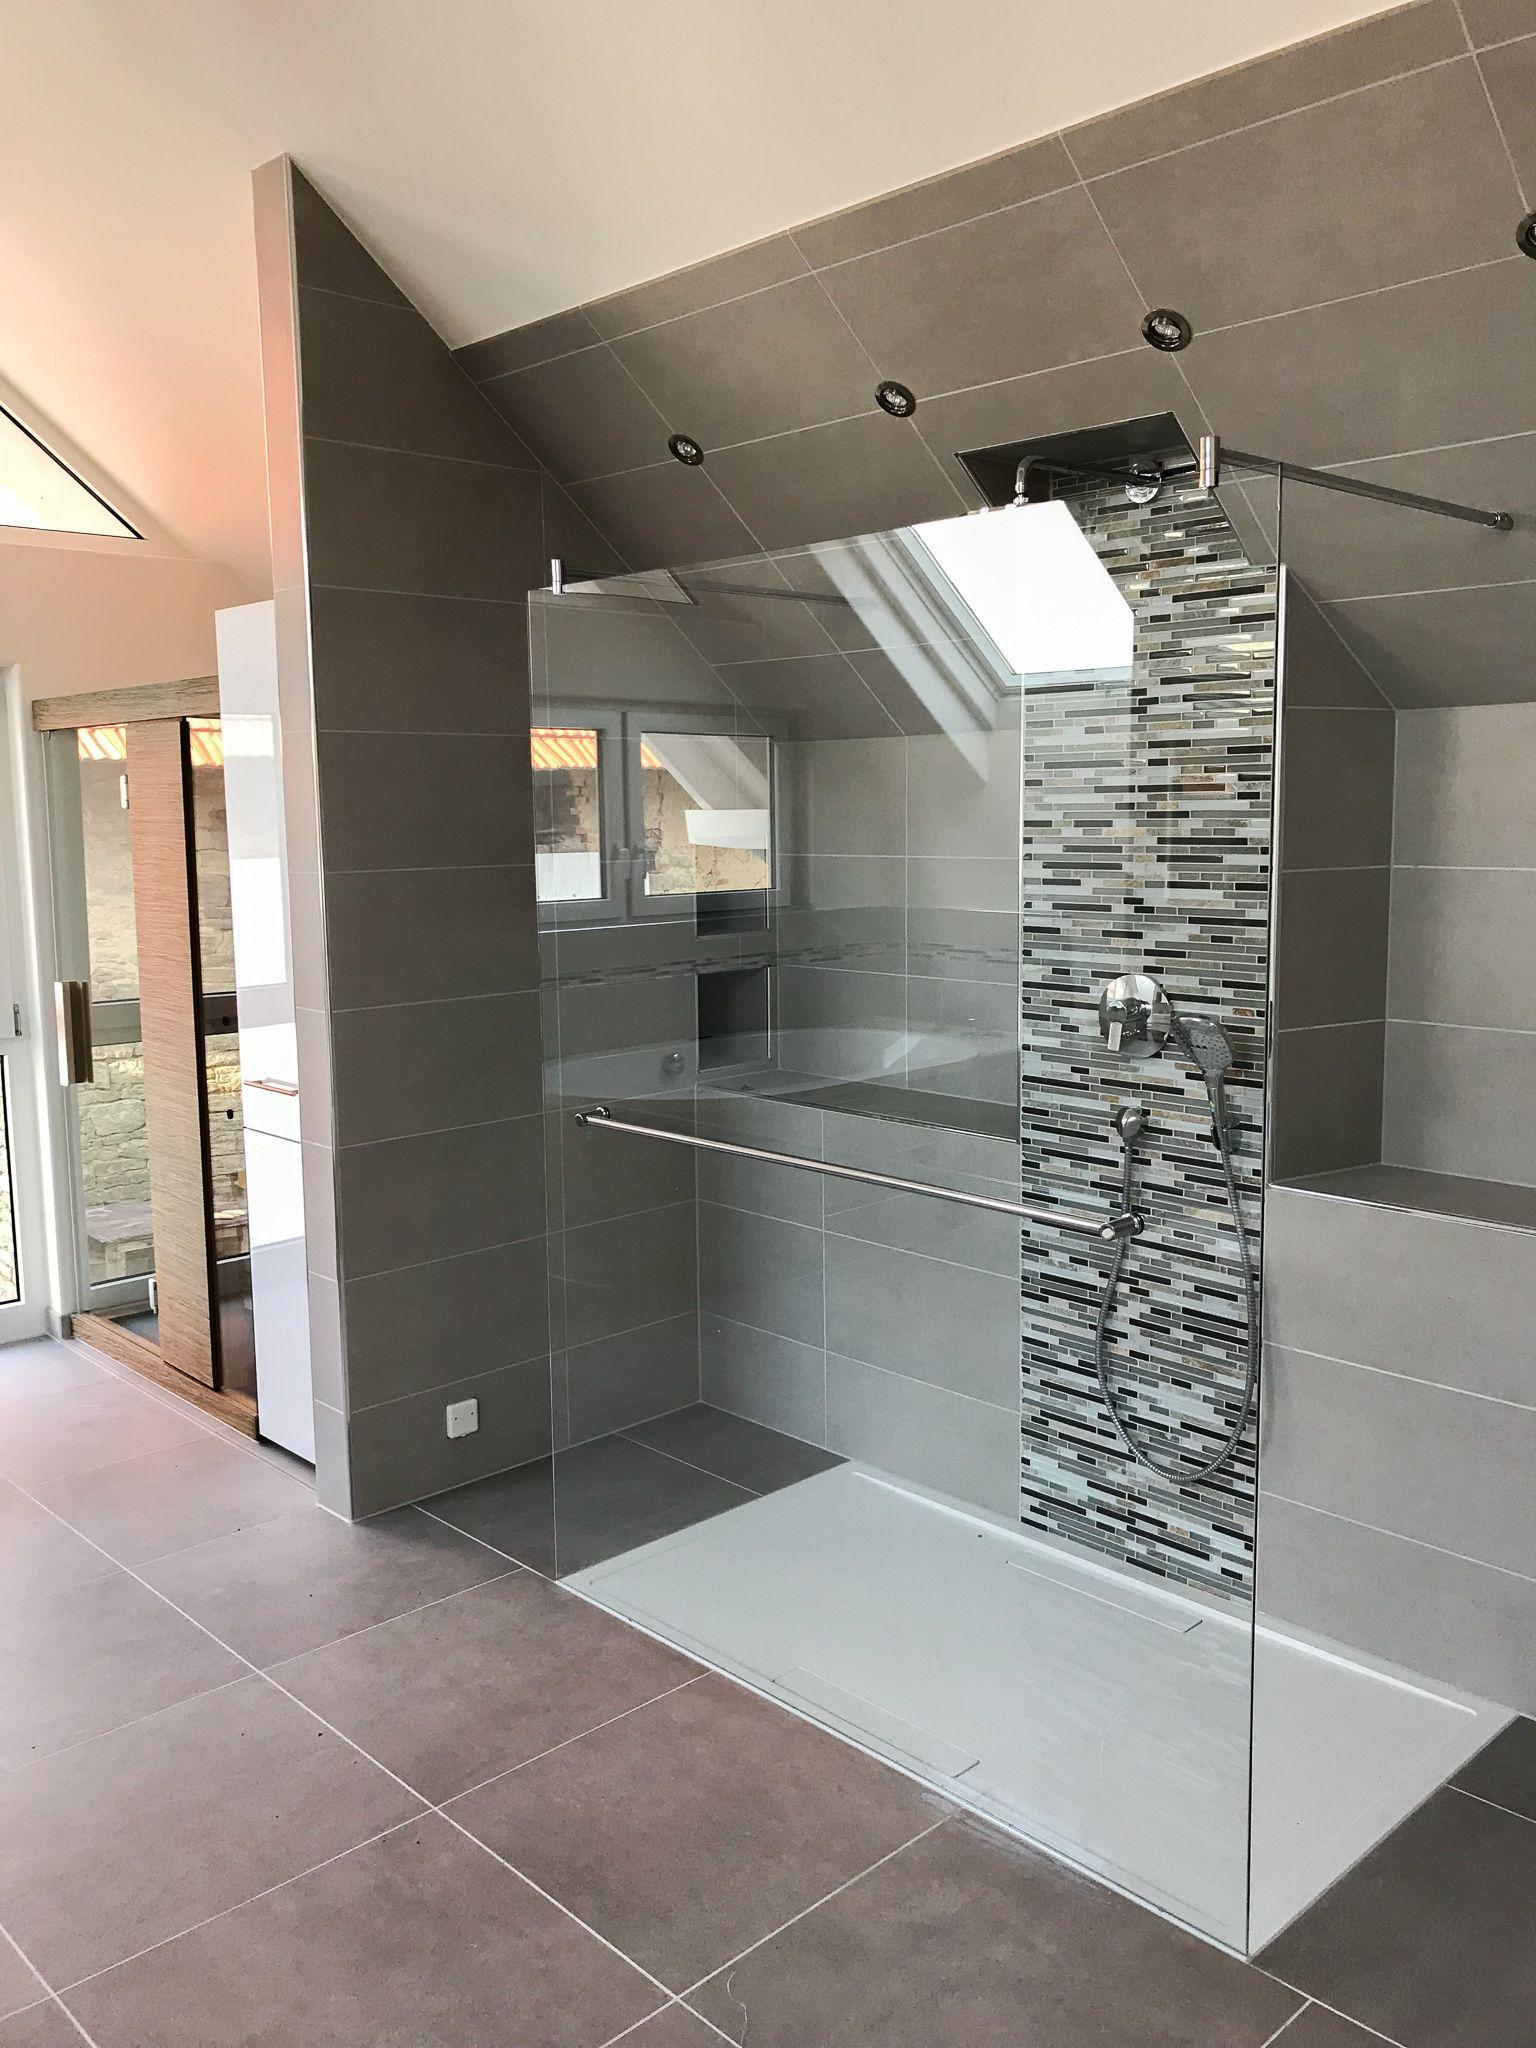 Walk In Shower Inspiration Jetzt 15 Beispiele Fur Perfekt Geloste Badezimmer In 2020 Badezimmer Neu Gestalten Glasduschen Duschabtrennung